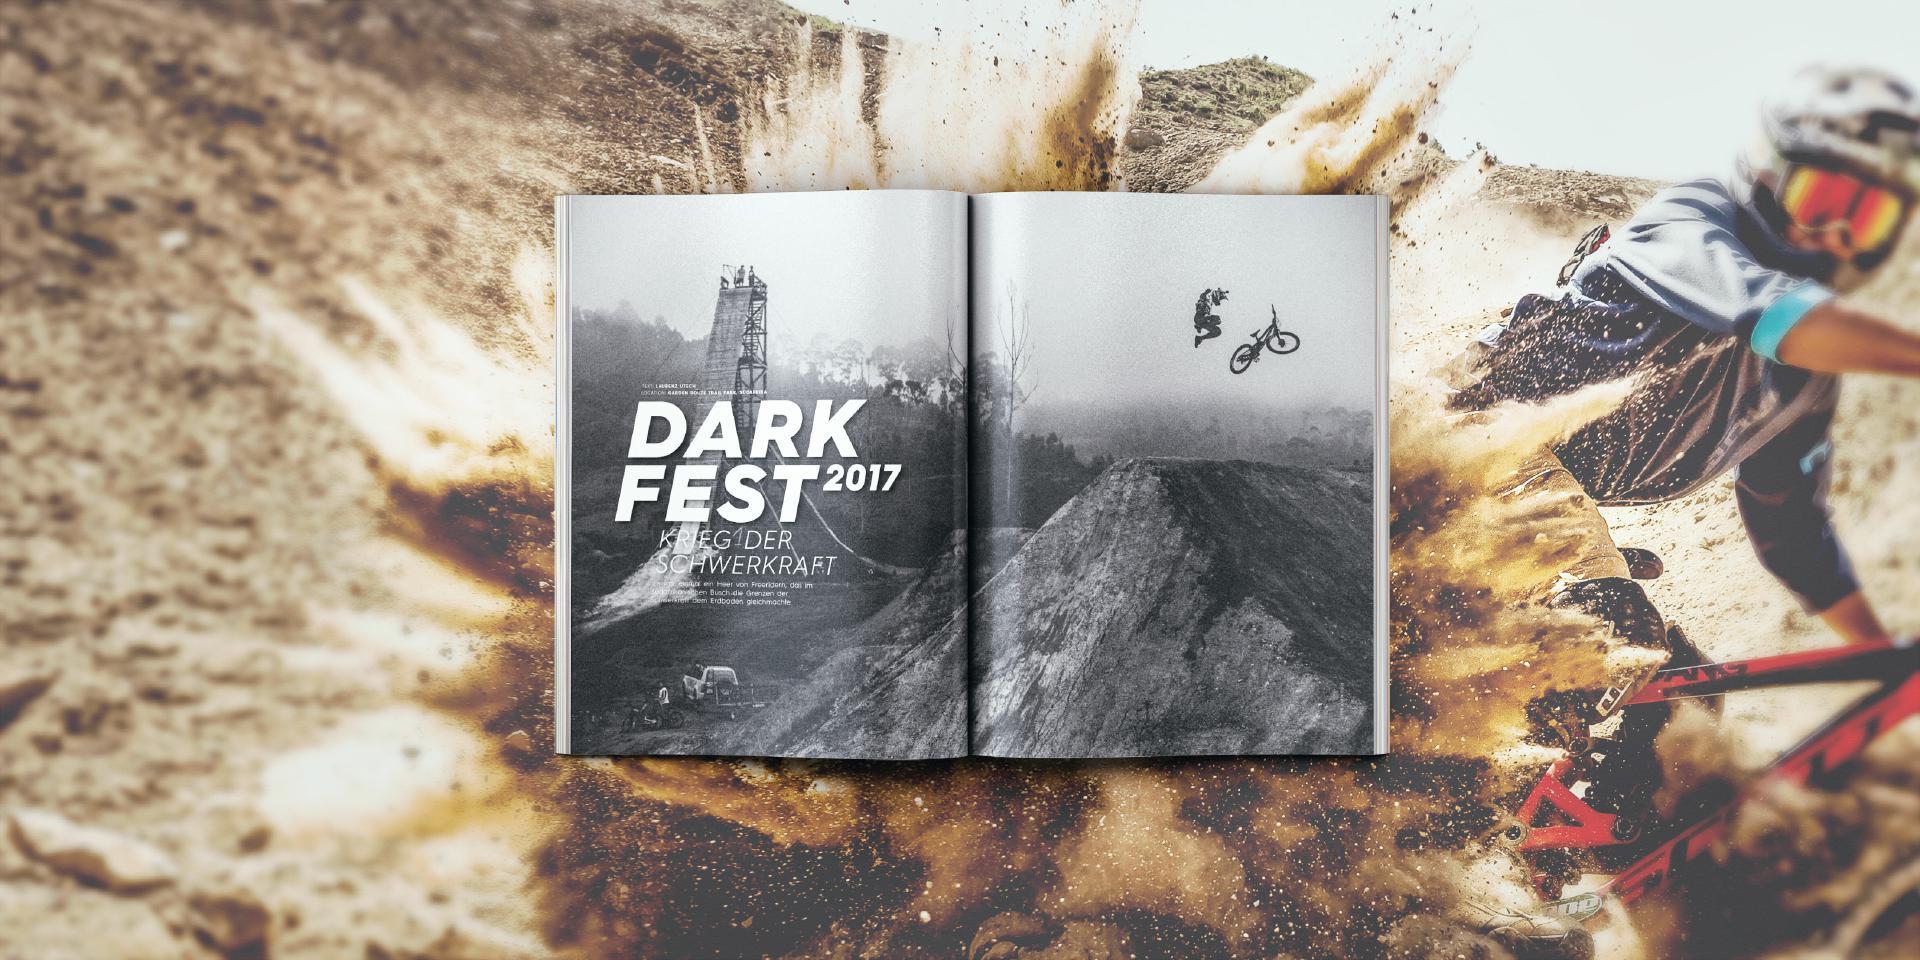 Prime Mountainbiking 07 - Darkfest